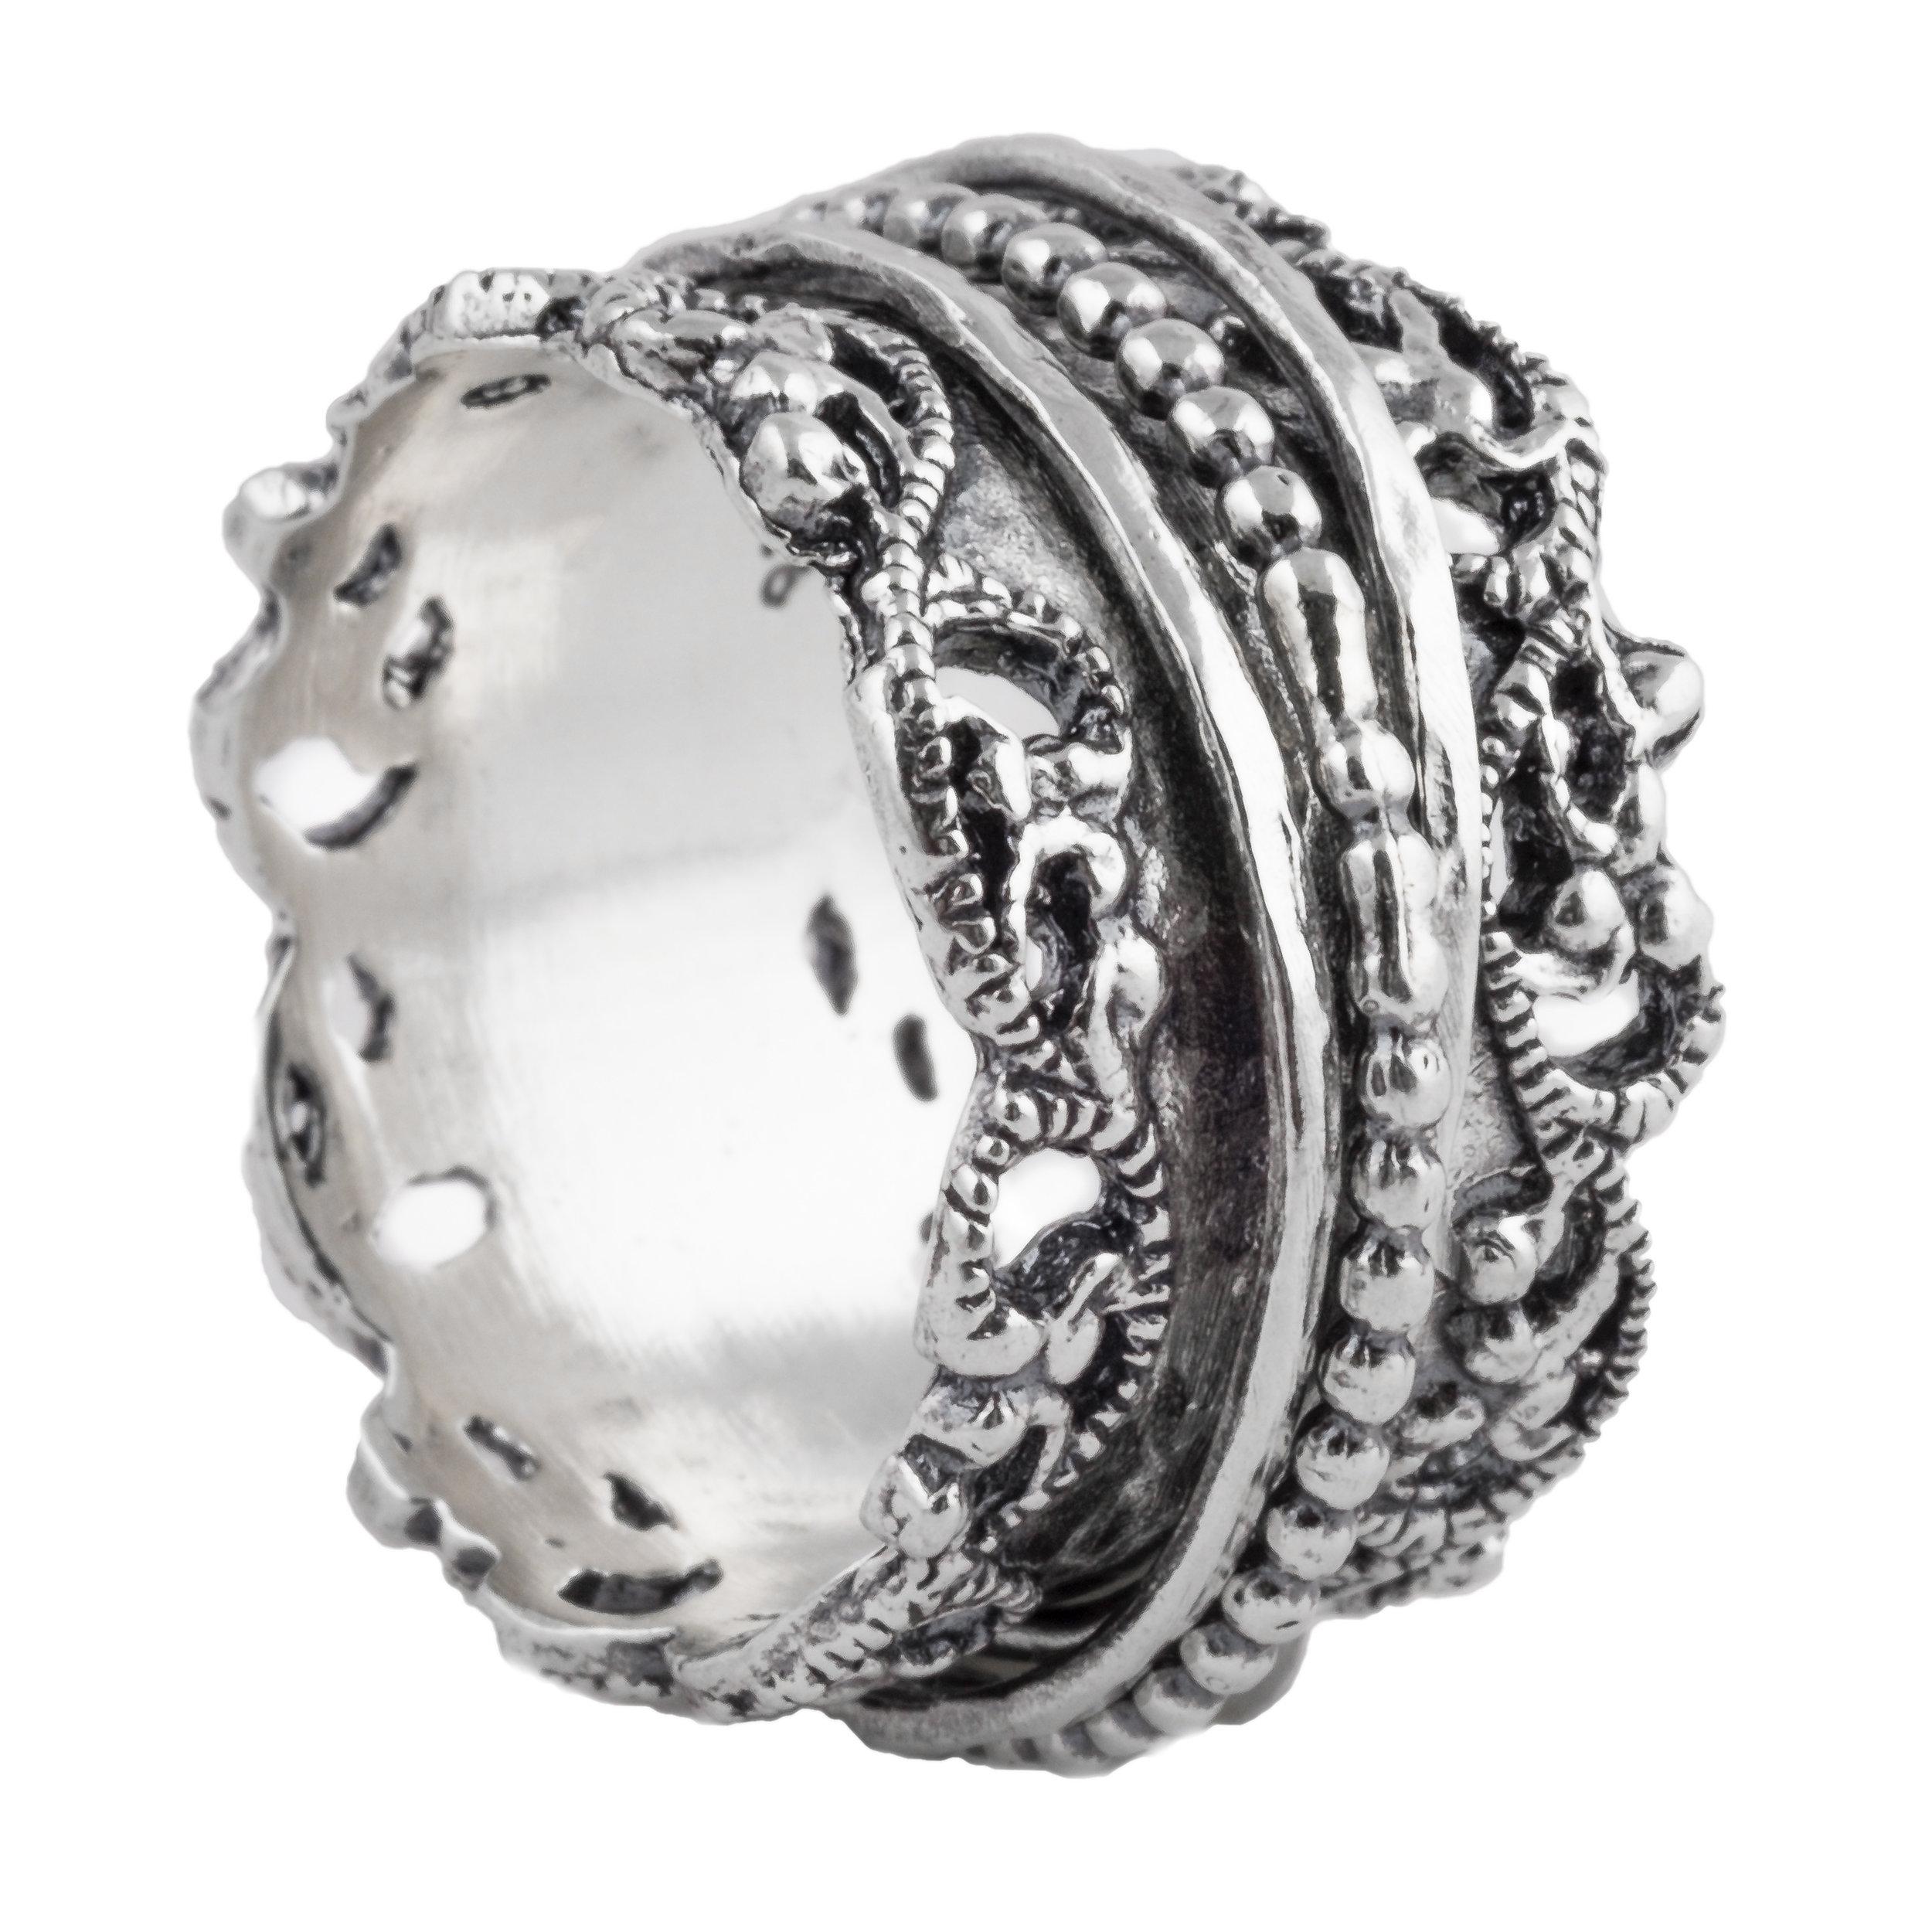 Rings - 12047-2 (1 of 1)-Edit.jpg